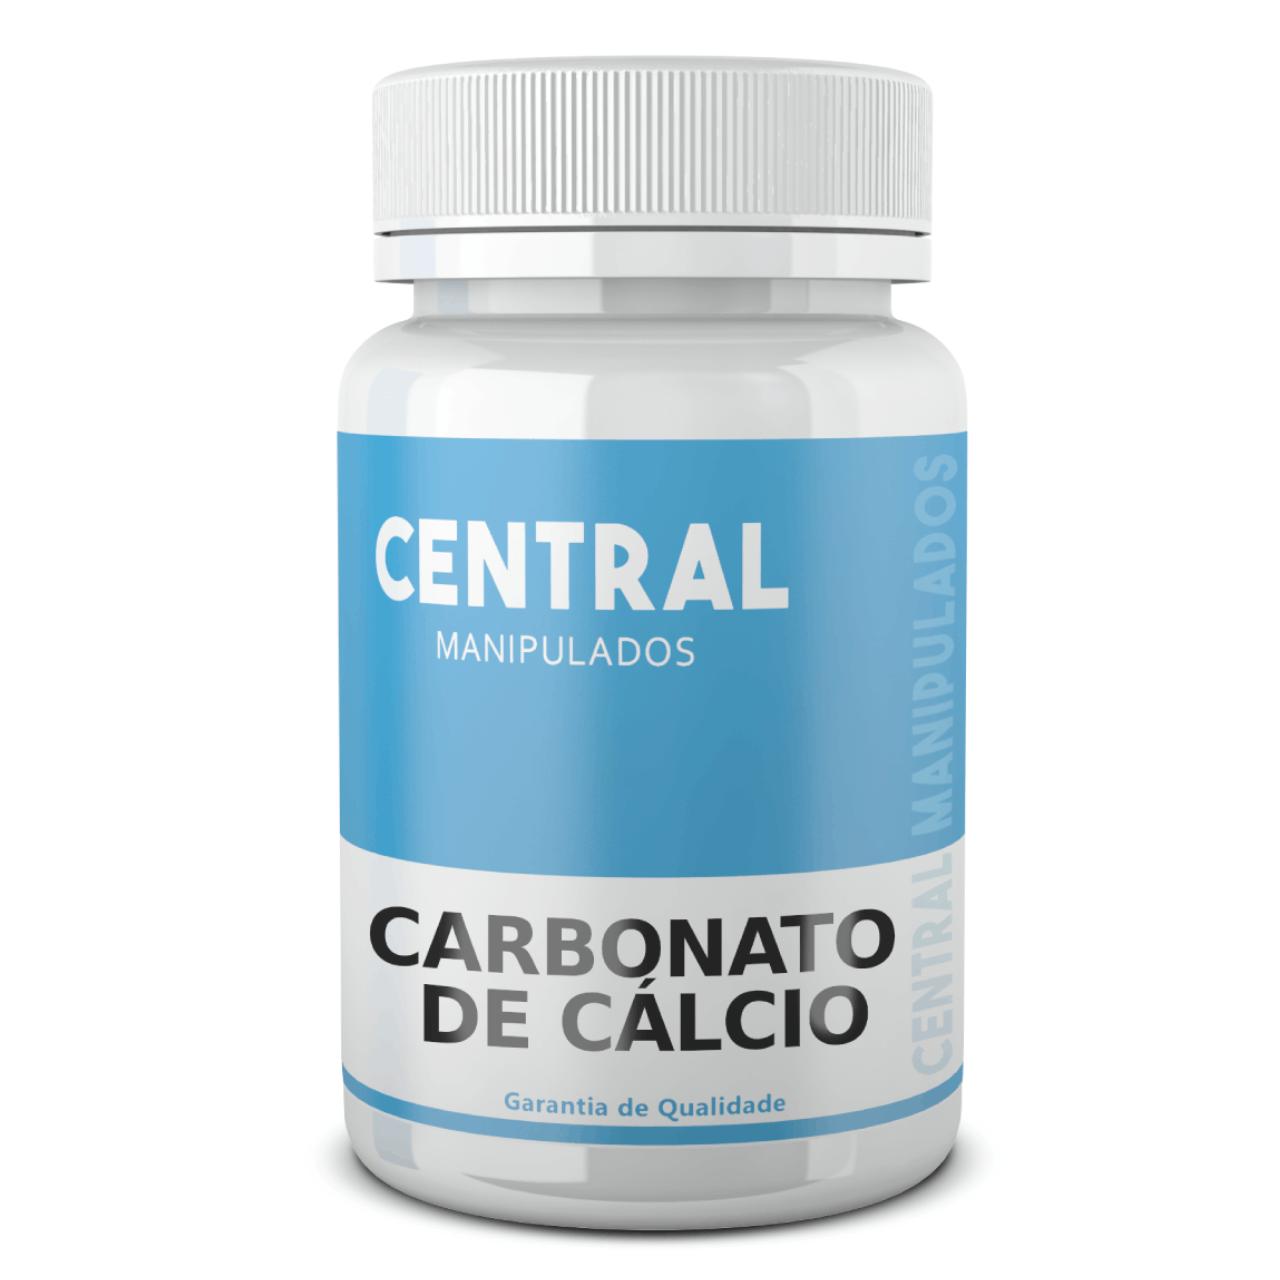 Carbonato de Cálcio 600mg - 60 cápsulas - Suplemento de Cálcio